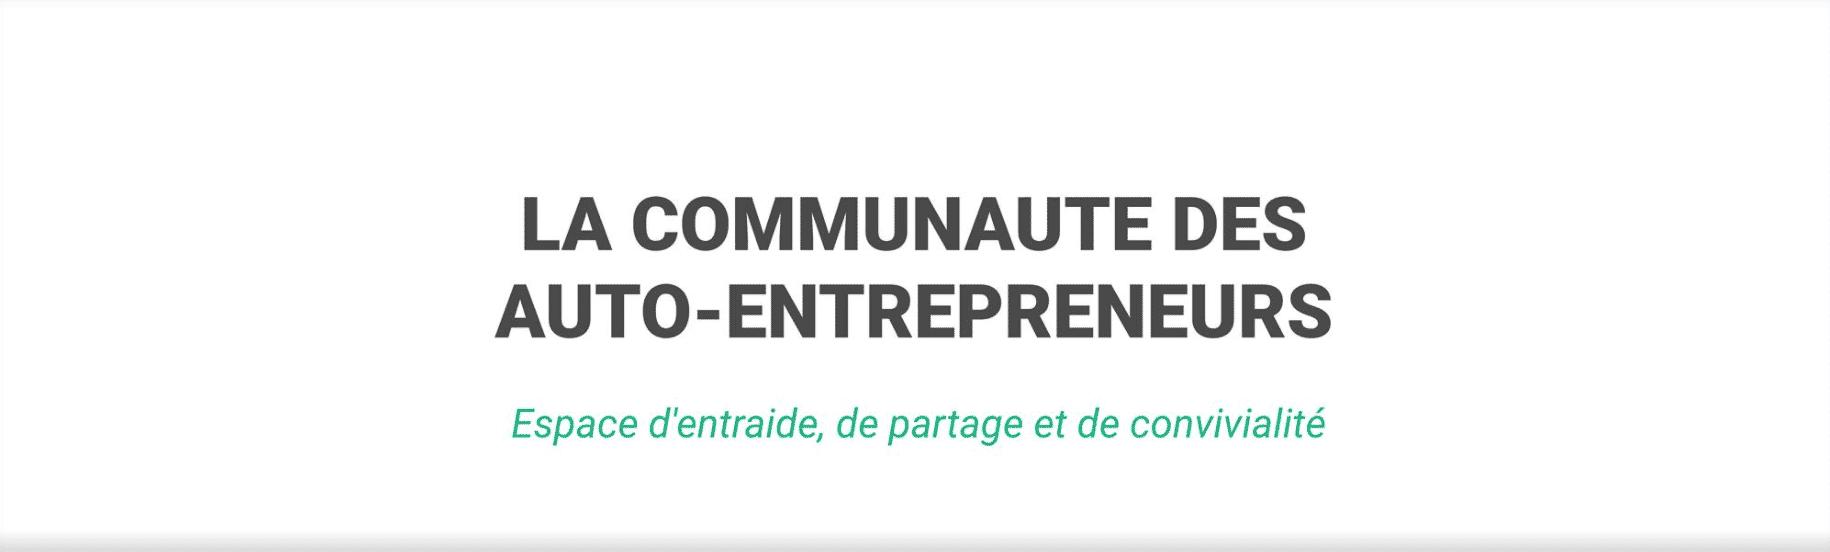 La communauté des auto-entrepreneurs